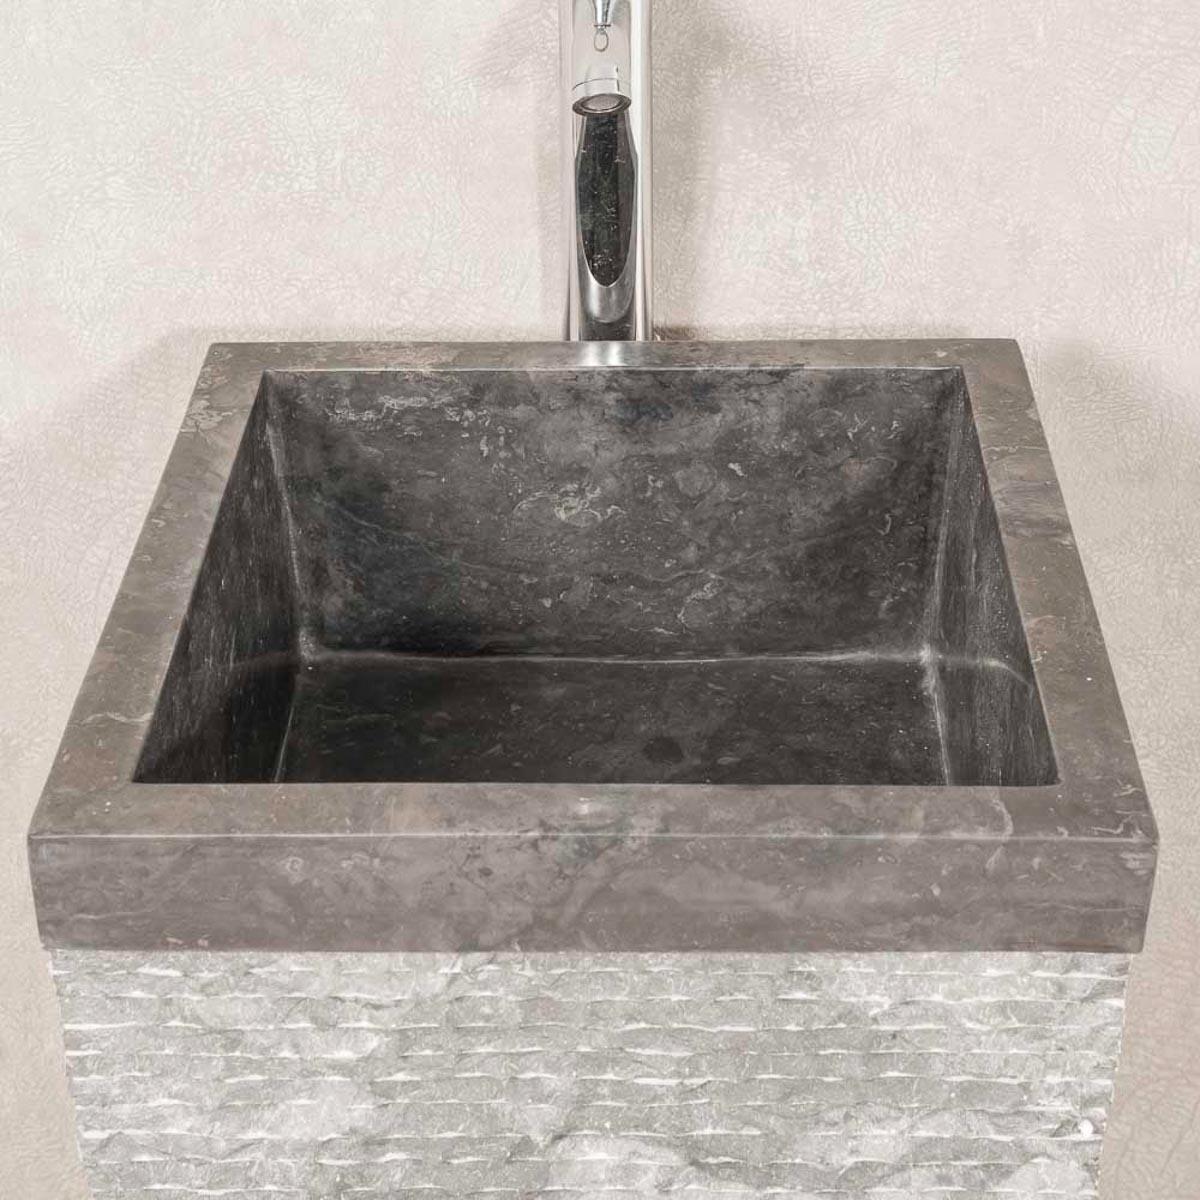 vasque sur pied en marbre havana carr e noire d 40 cm. Black Bedroom Furniture Sets. Home Design Ideas